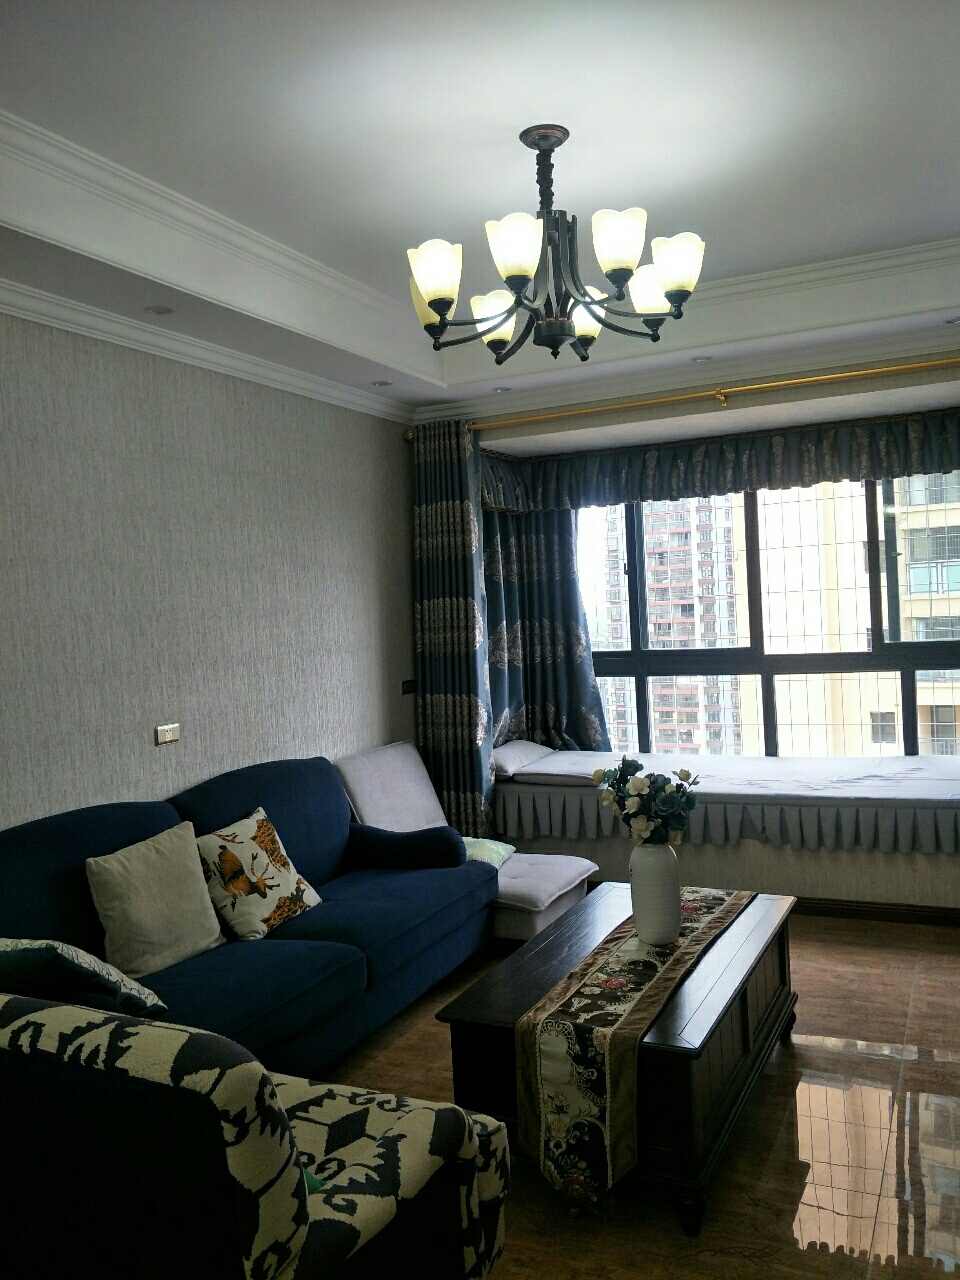 港城·铜锣湾2室2厅44万元